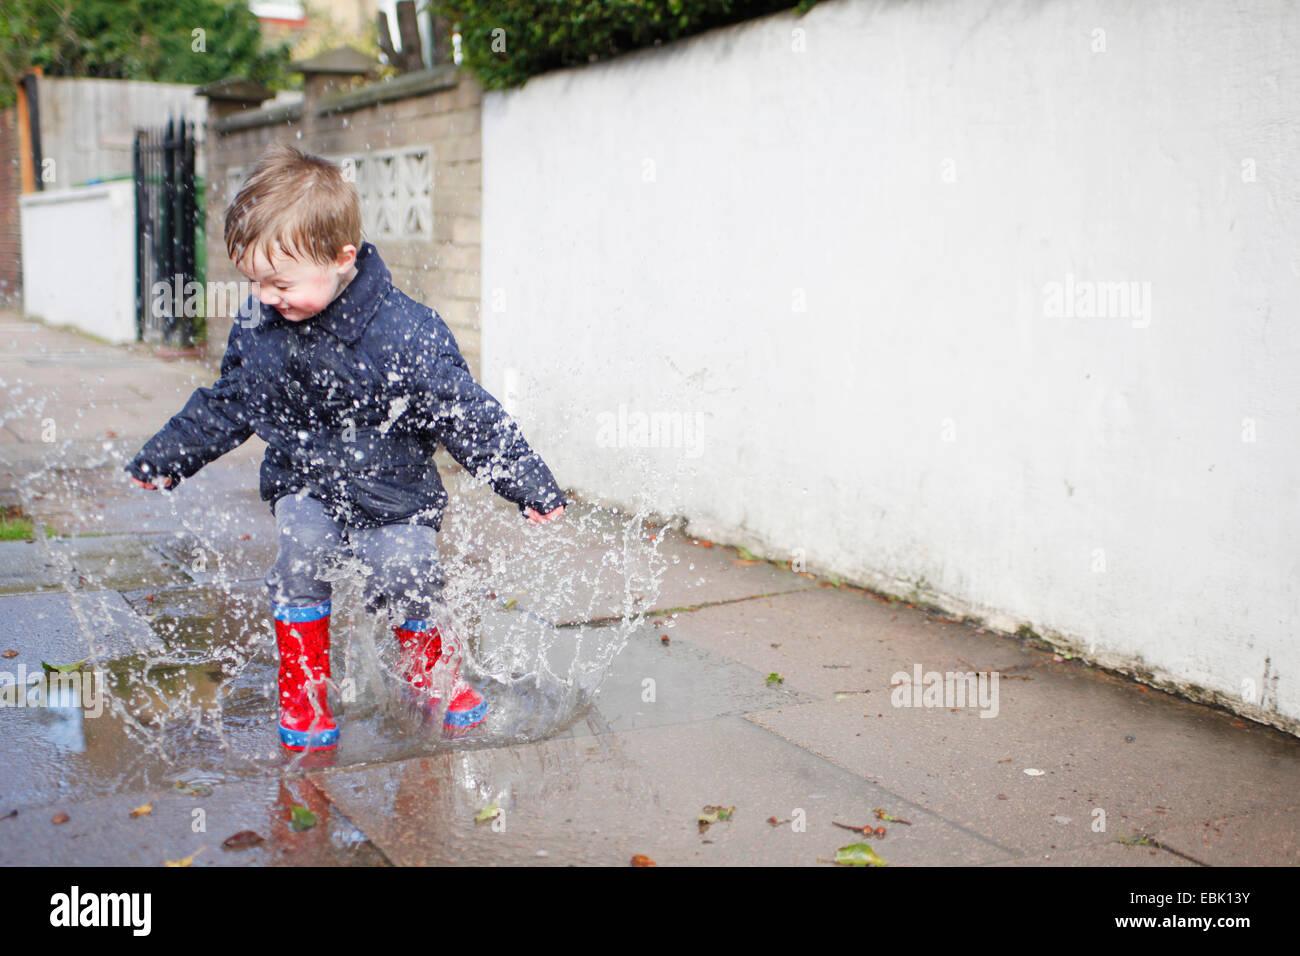 Tout-petit mâle rouge en bottes de caoutchouc s'éclabousser dans flaque de trottoir Photo Stock